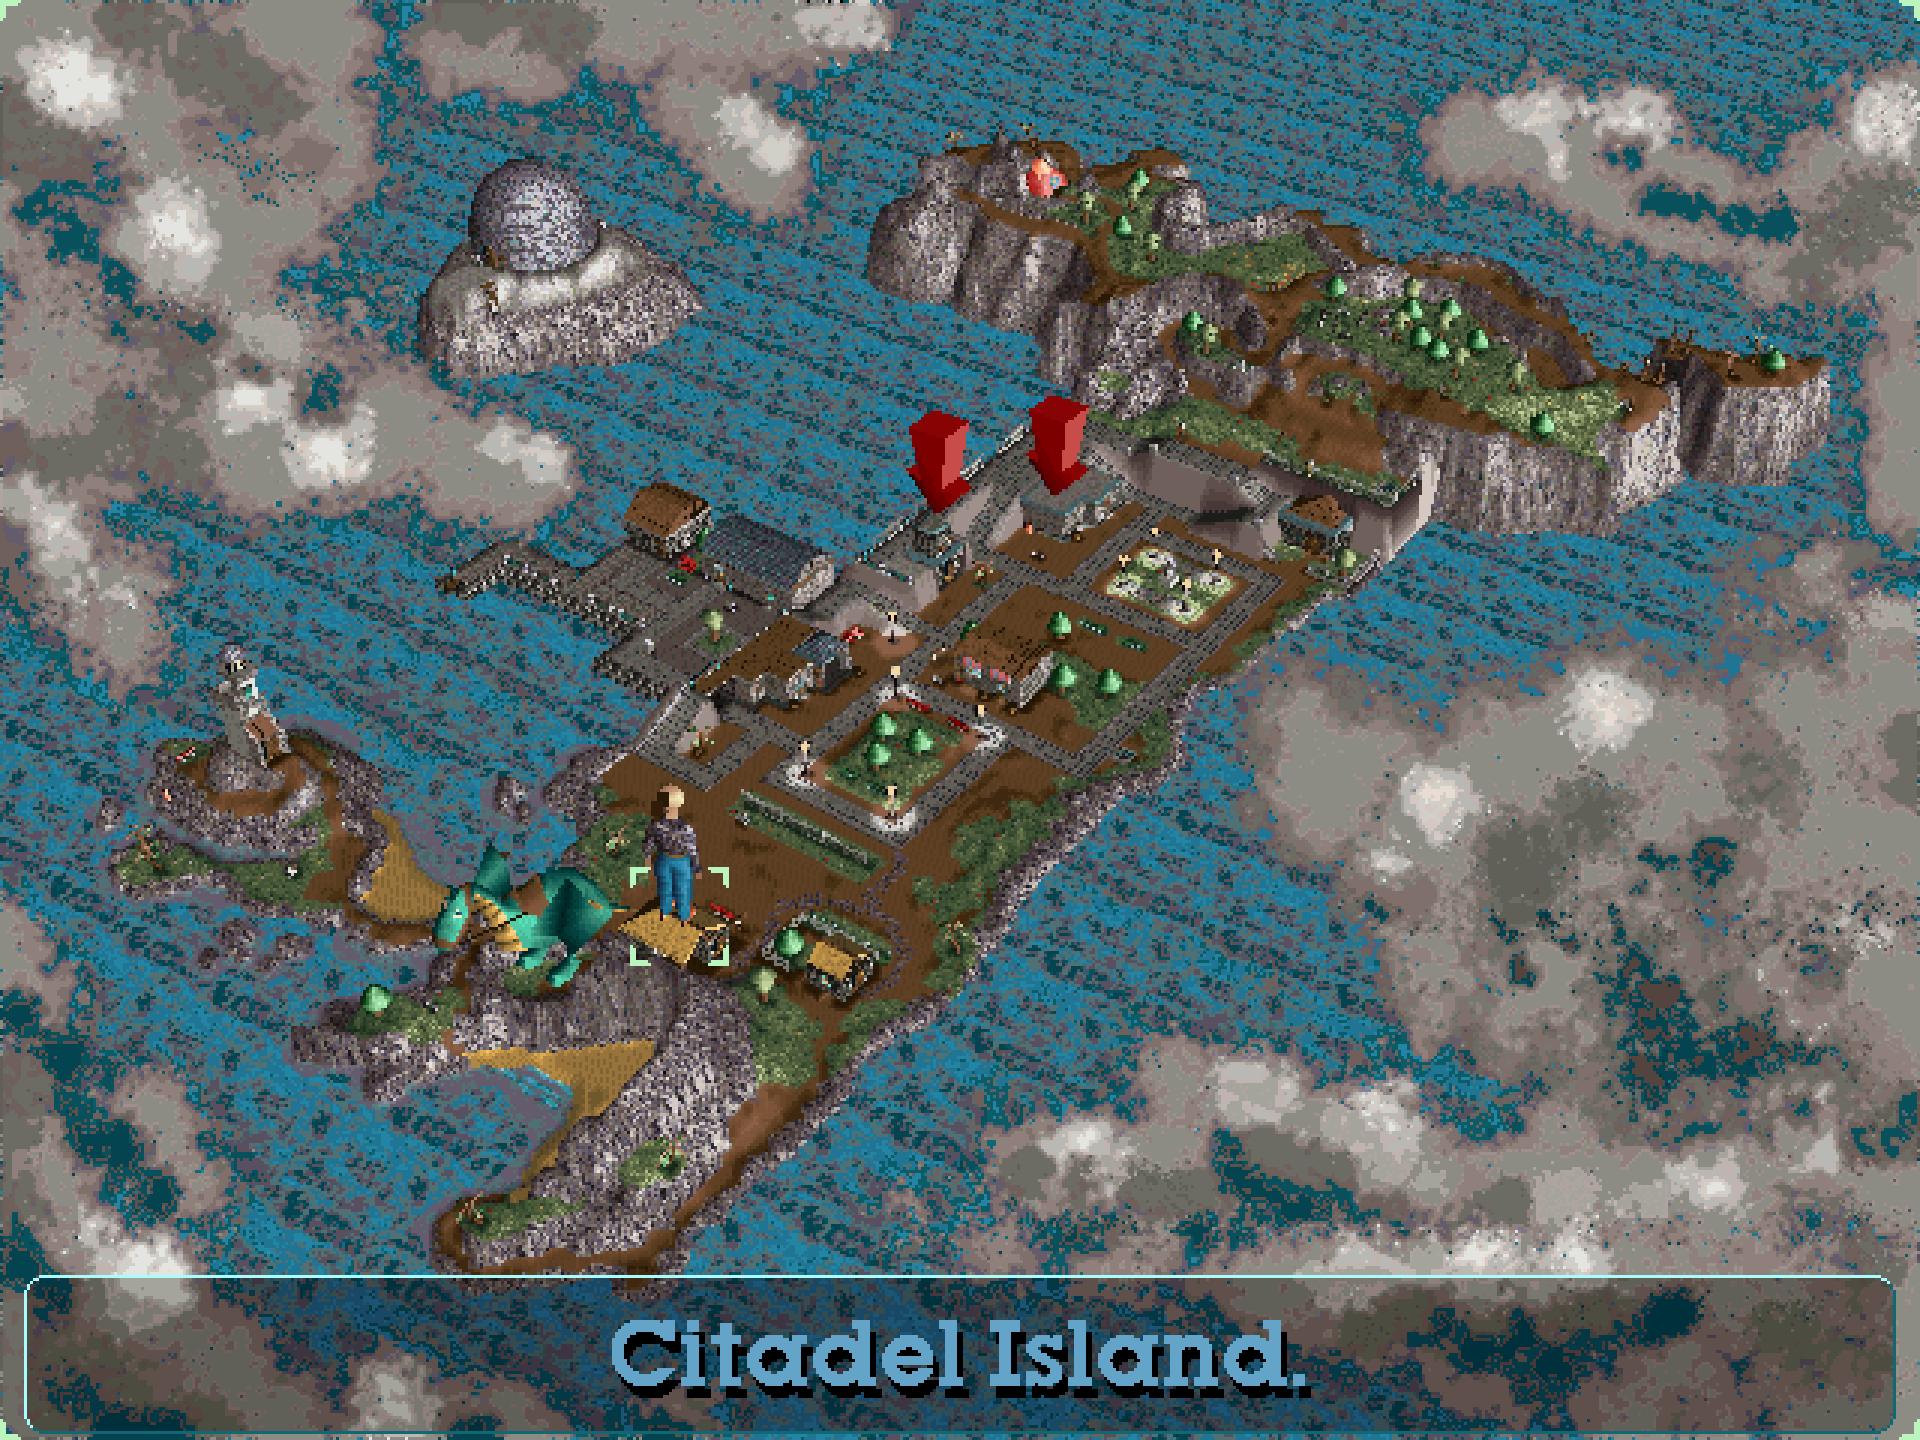 Citadel Island in Little Big Adventure 2.